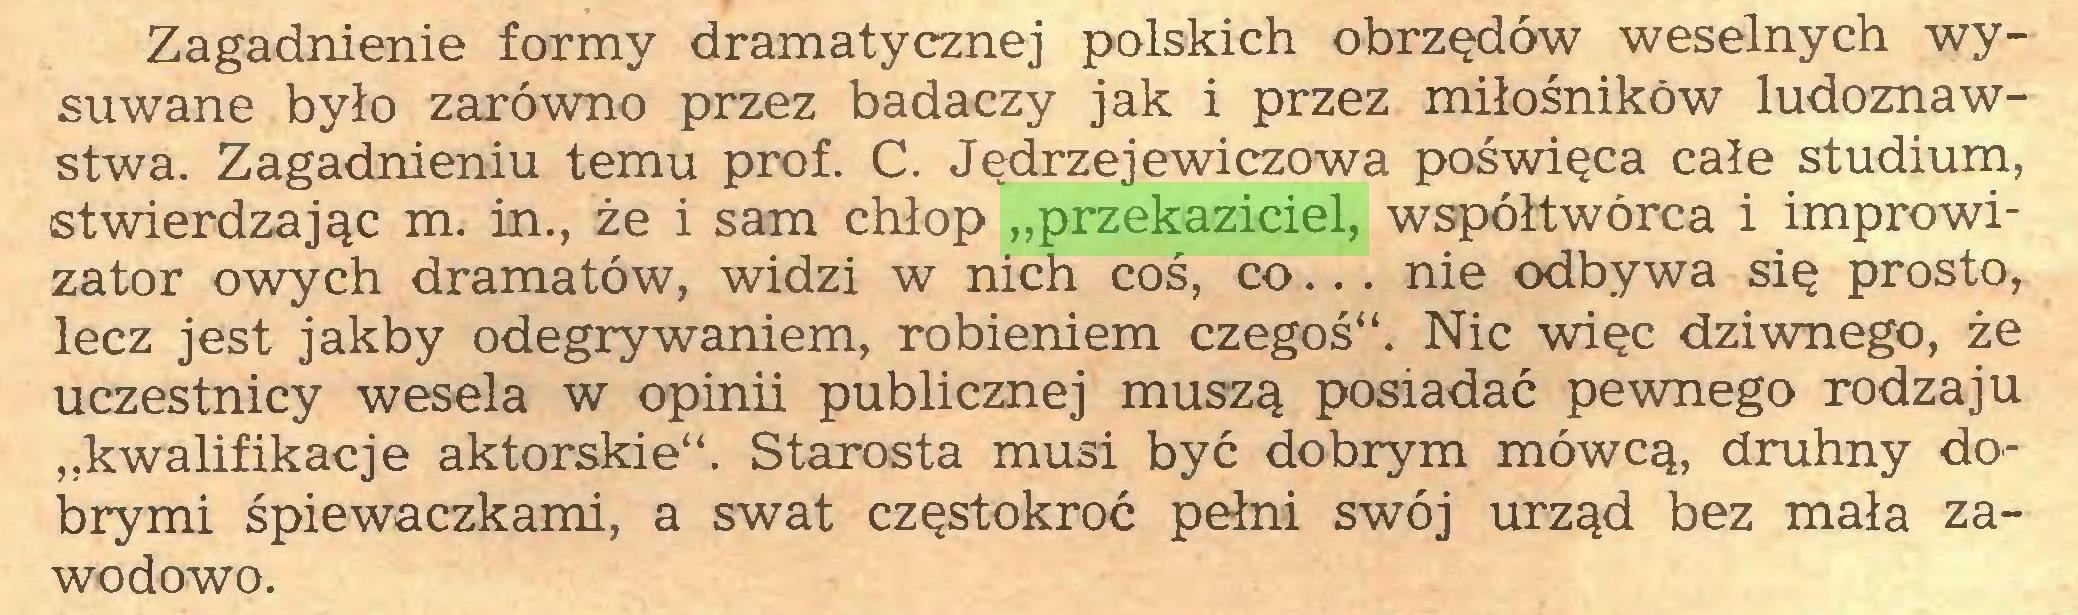 """(...) Zagadnienie formy dramatycznej polskich obrzędów weselnych wysuwane było zarówno przez badaczy jak i przez miłośników ludoznawstwa. Zagadnieniu temu prof. C. Jędrzej ewiczowa poświęca całe studium, stwierdzając m. in., że i sam chłop """"przekaziciel, współtwórca i improwizator owych dramatów, widzi w nich coś, co.. . nie odbywa się prosto, lecz jest jakby odegrywaniem, robieniem czegoś"""". Nic więc dziwnego, że uczestnicy wesela w opinii publicznej muszą posiadać pewnego rodzaju """"kwalifikacje aktorskie"""". Starosta musi być dobrym mówcą, druhny dobrymi śpiewaczkami, a swat częstokroć pełni swój urząd bez mała zawodowo..."""